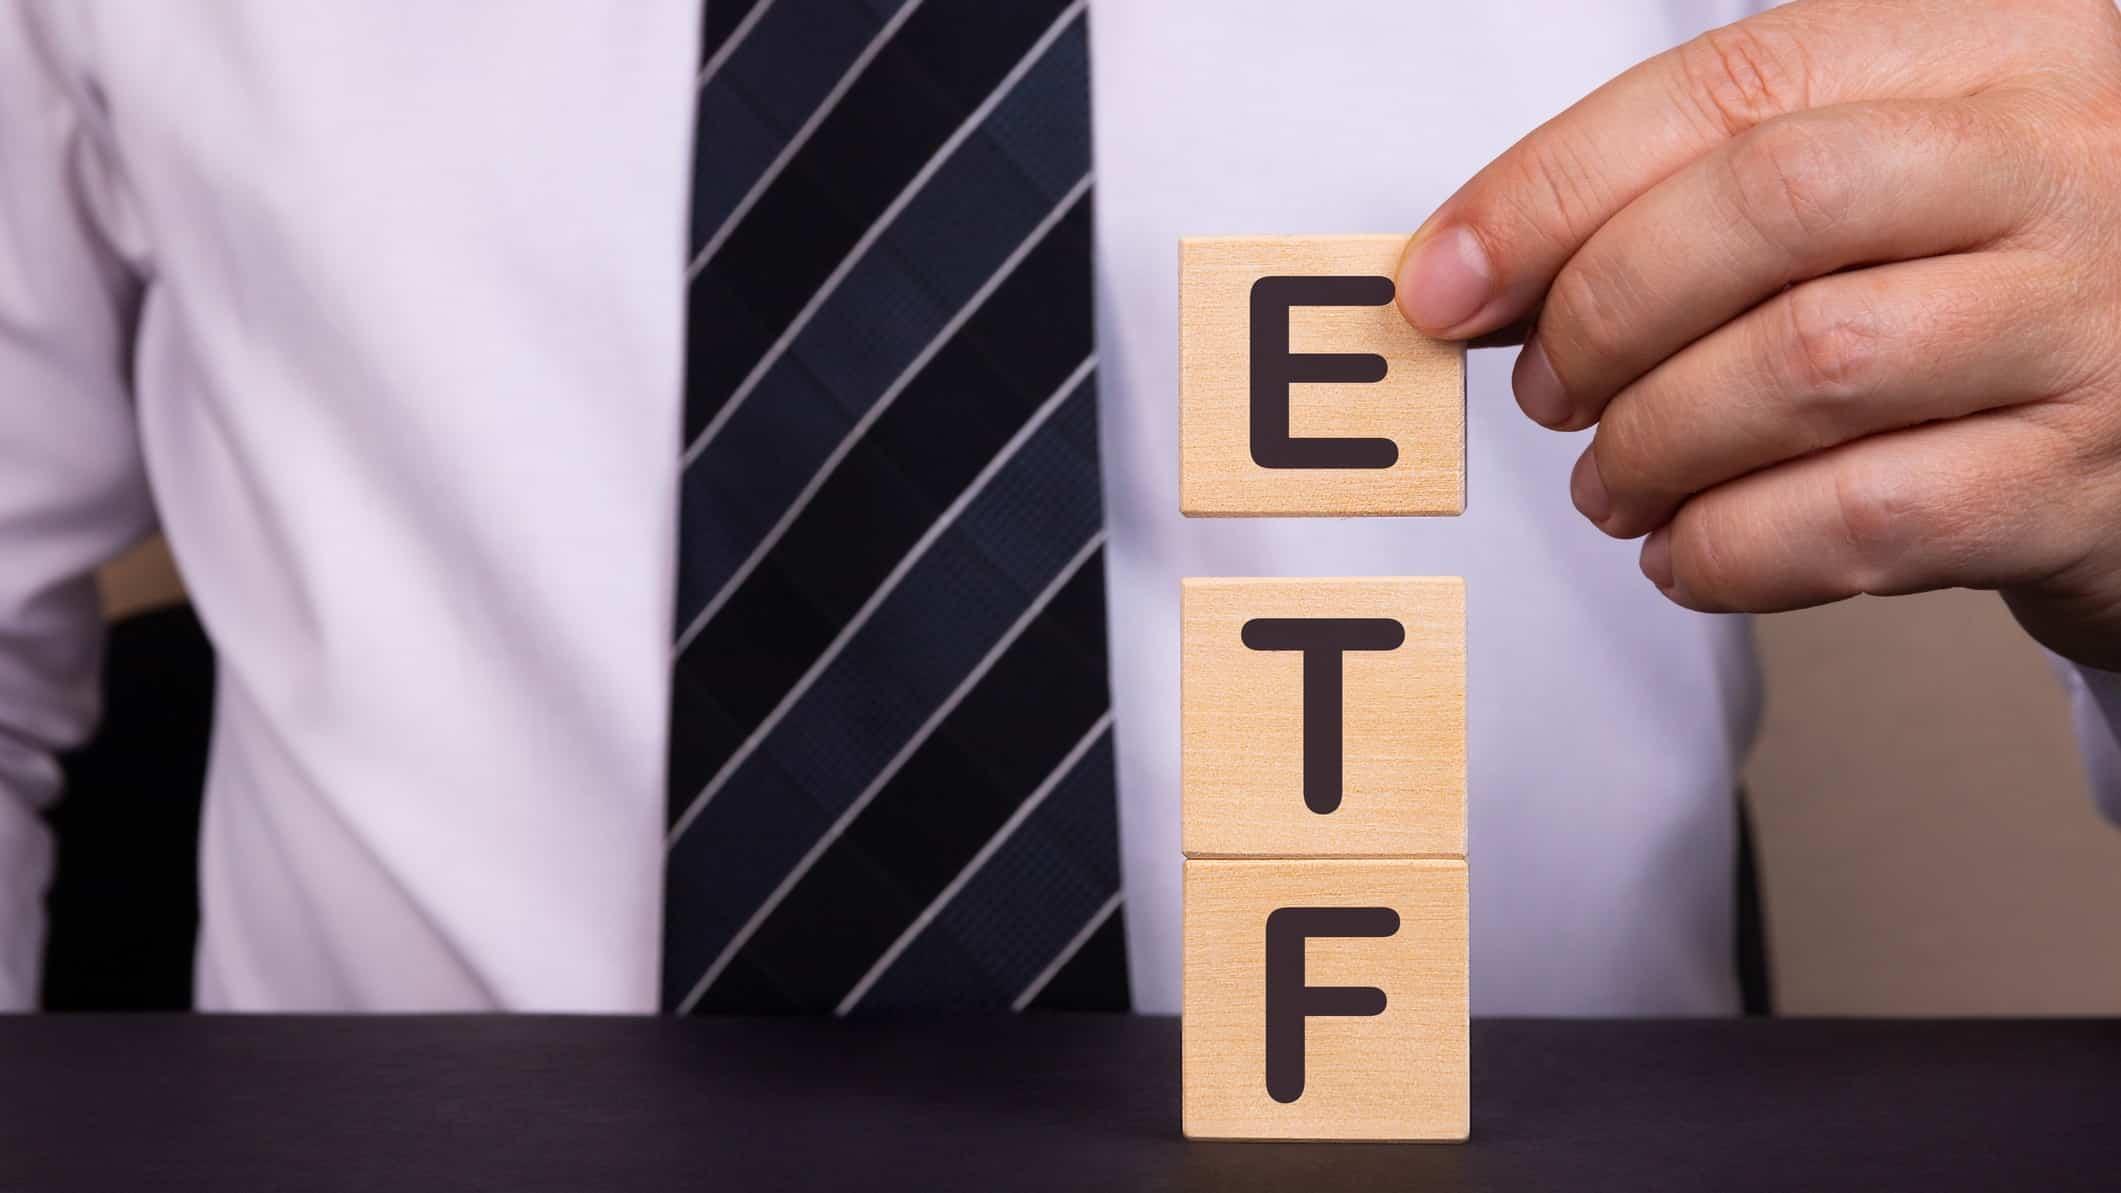 Wooden blocks depicting letters ETF, ASX ETF